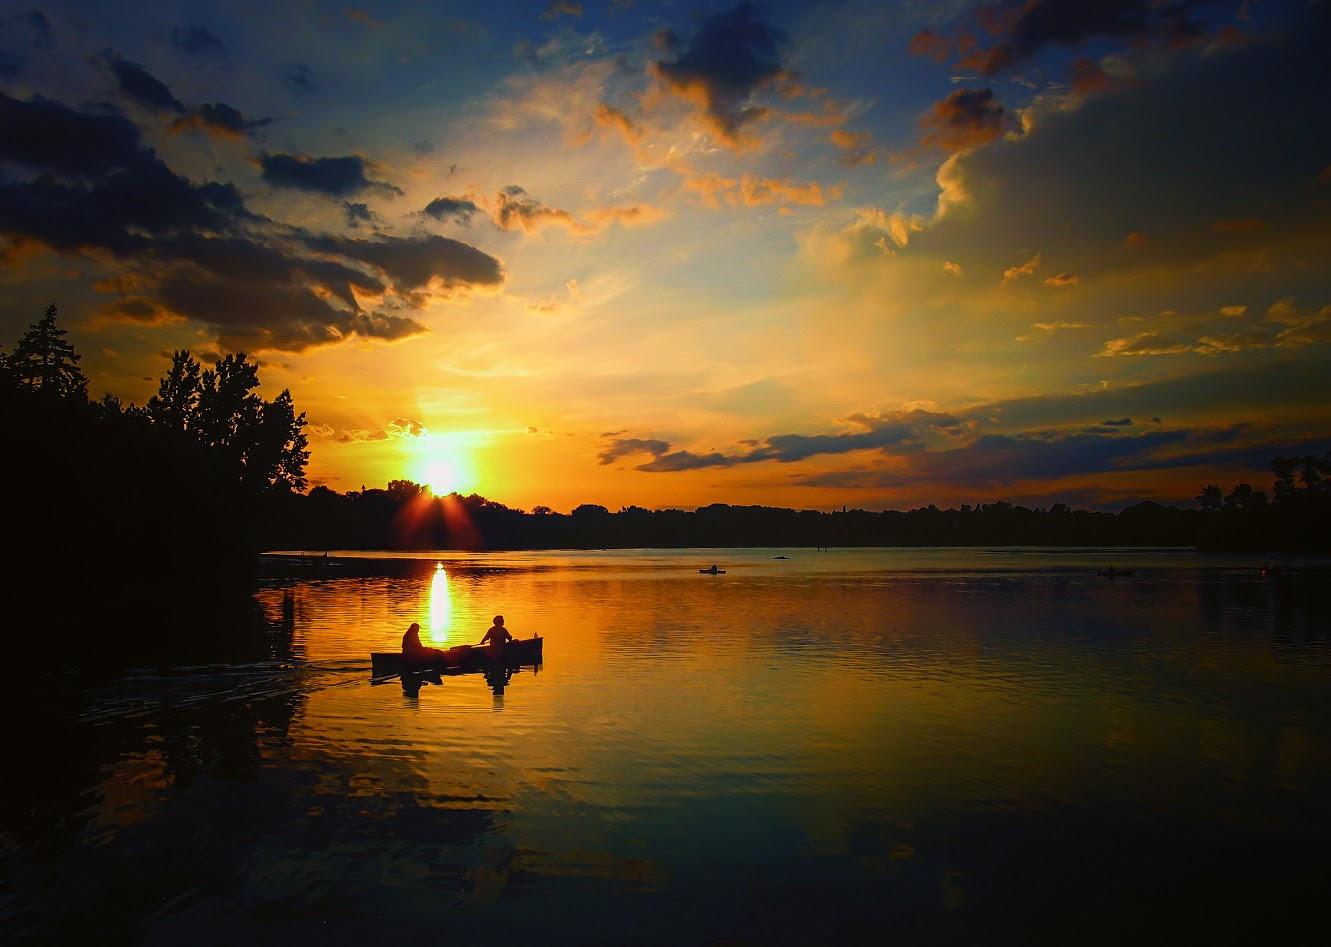 Canoe Sunset on Lake of the Isles